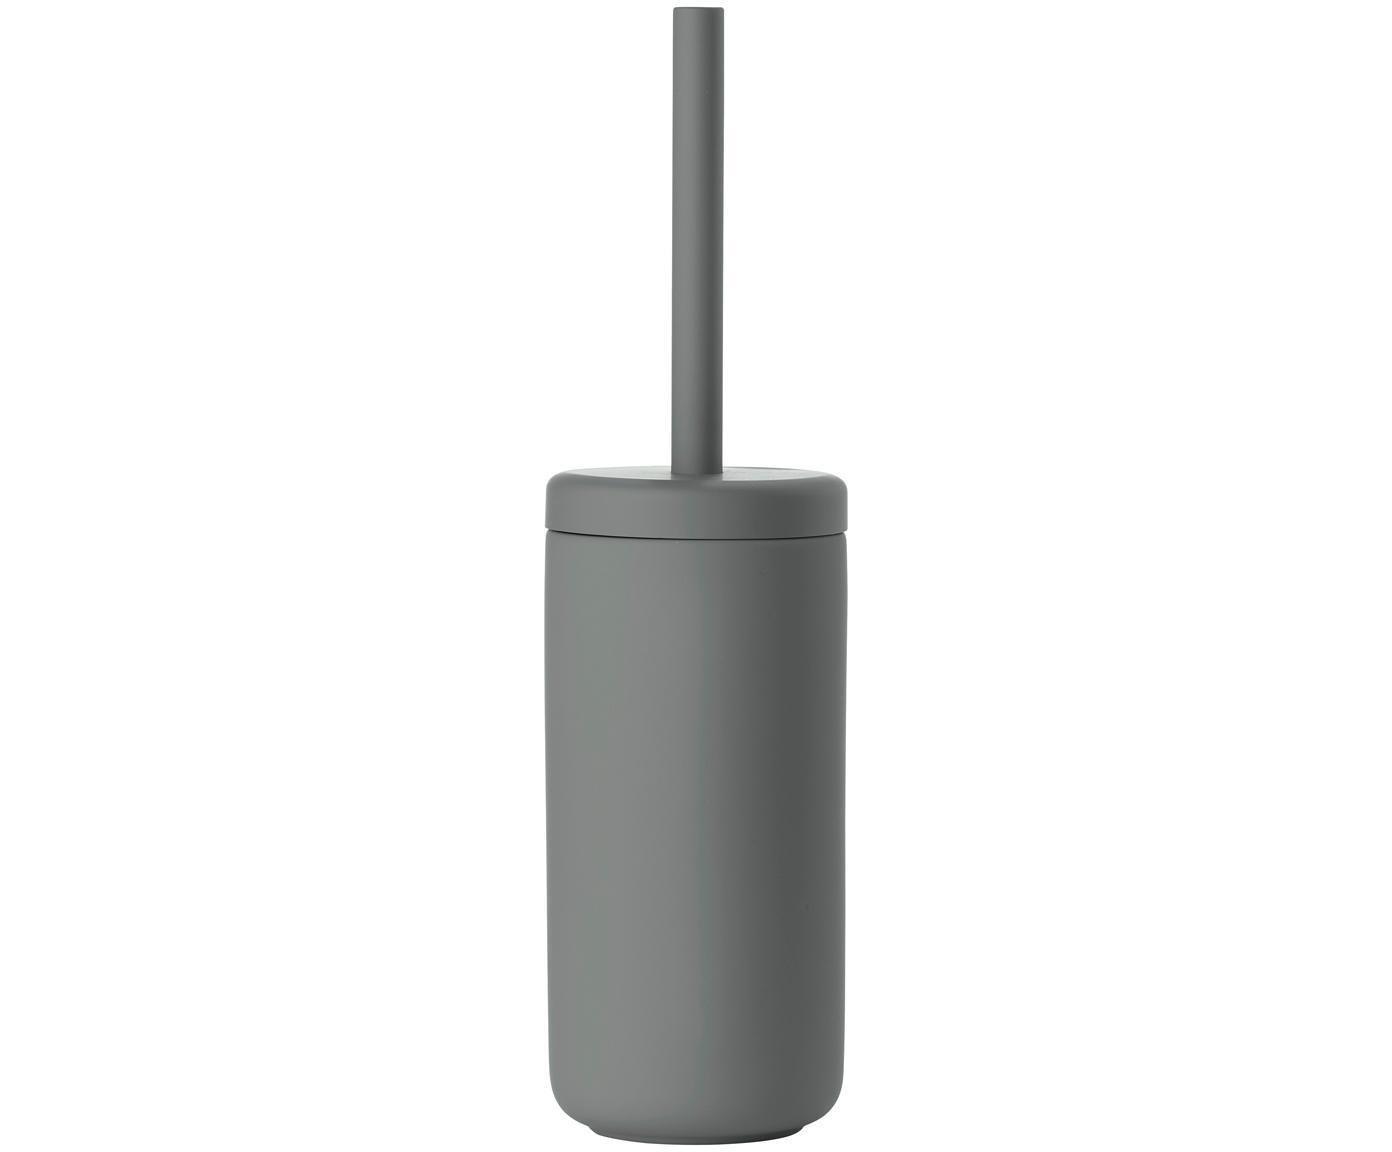 Szczotka toaletowa Omega, Szary, matowy, Ø 10 x W 39 cm